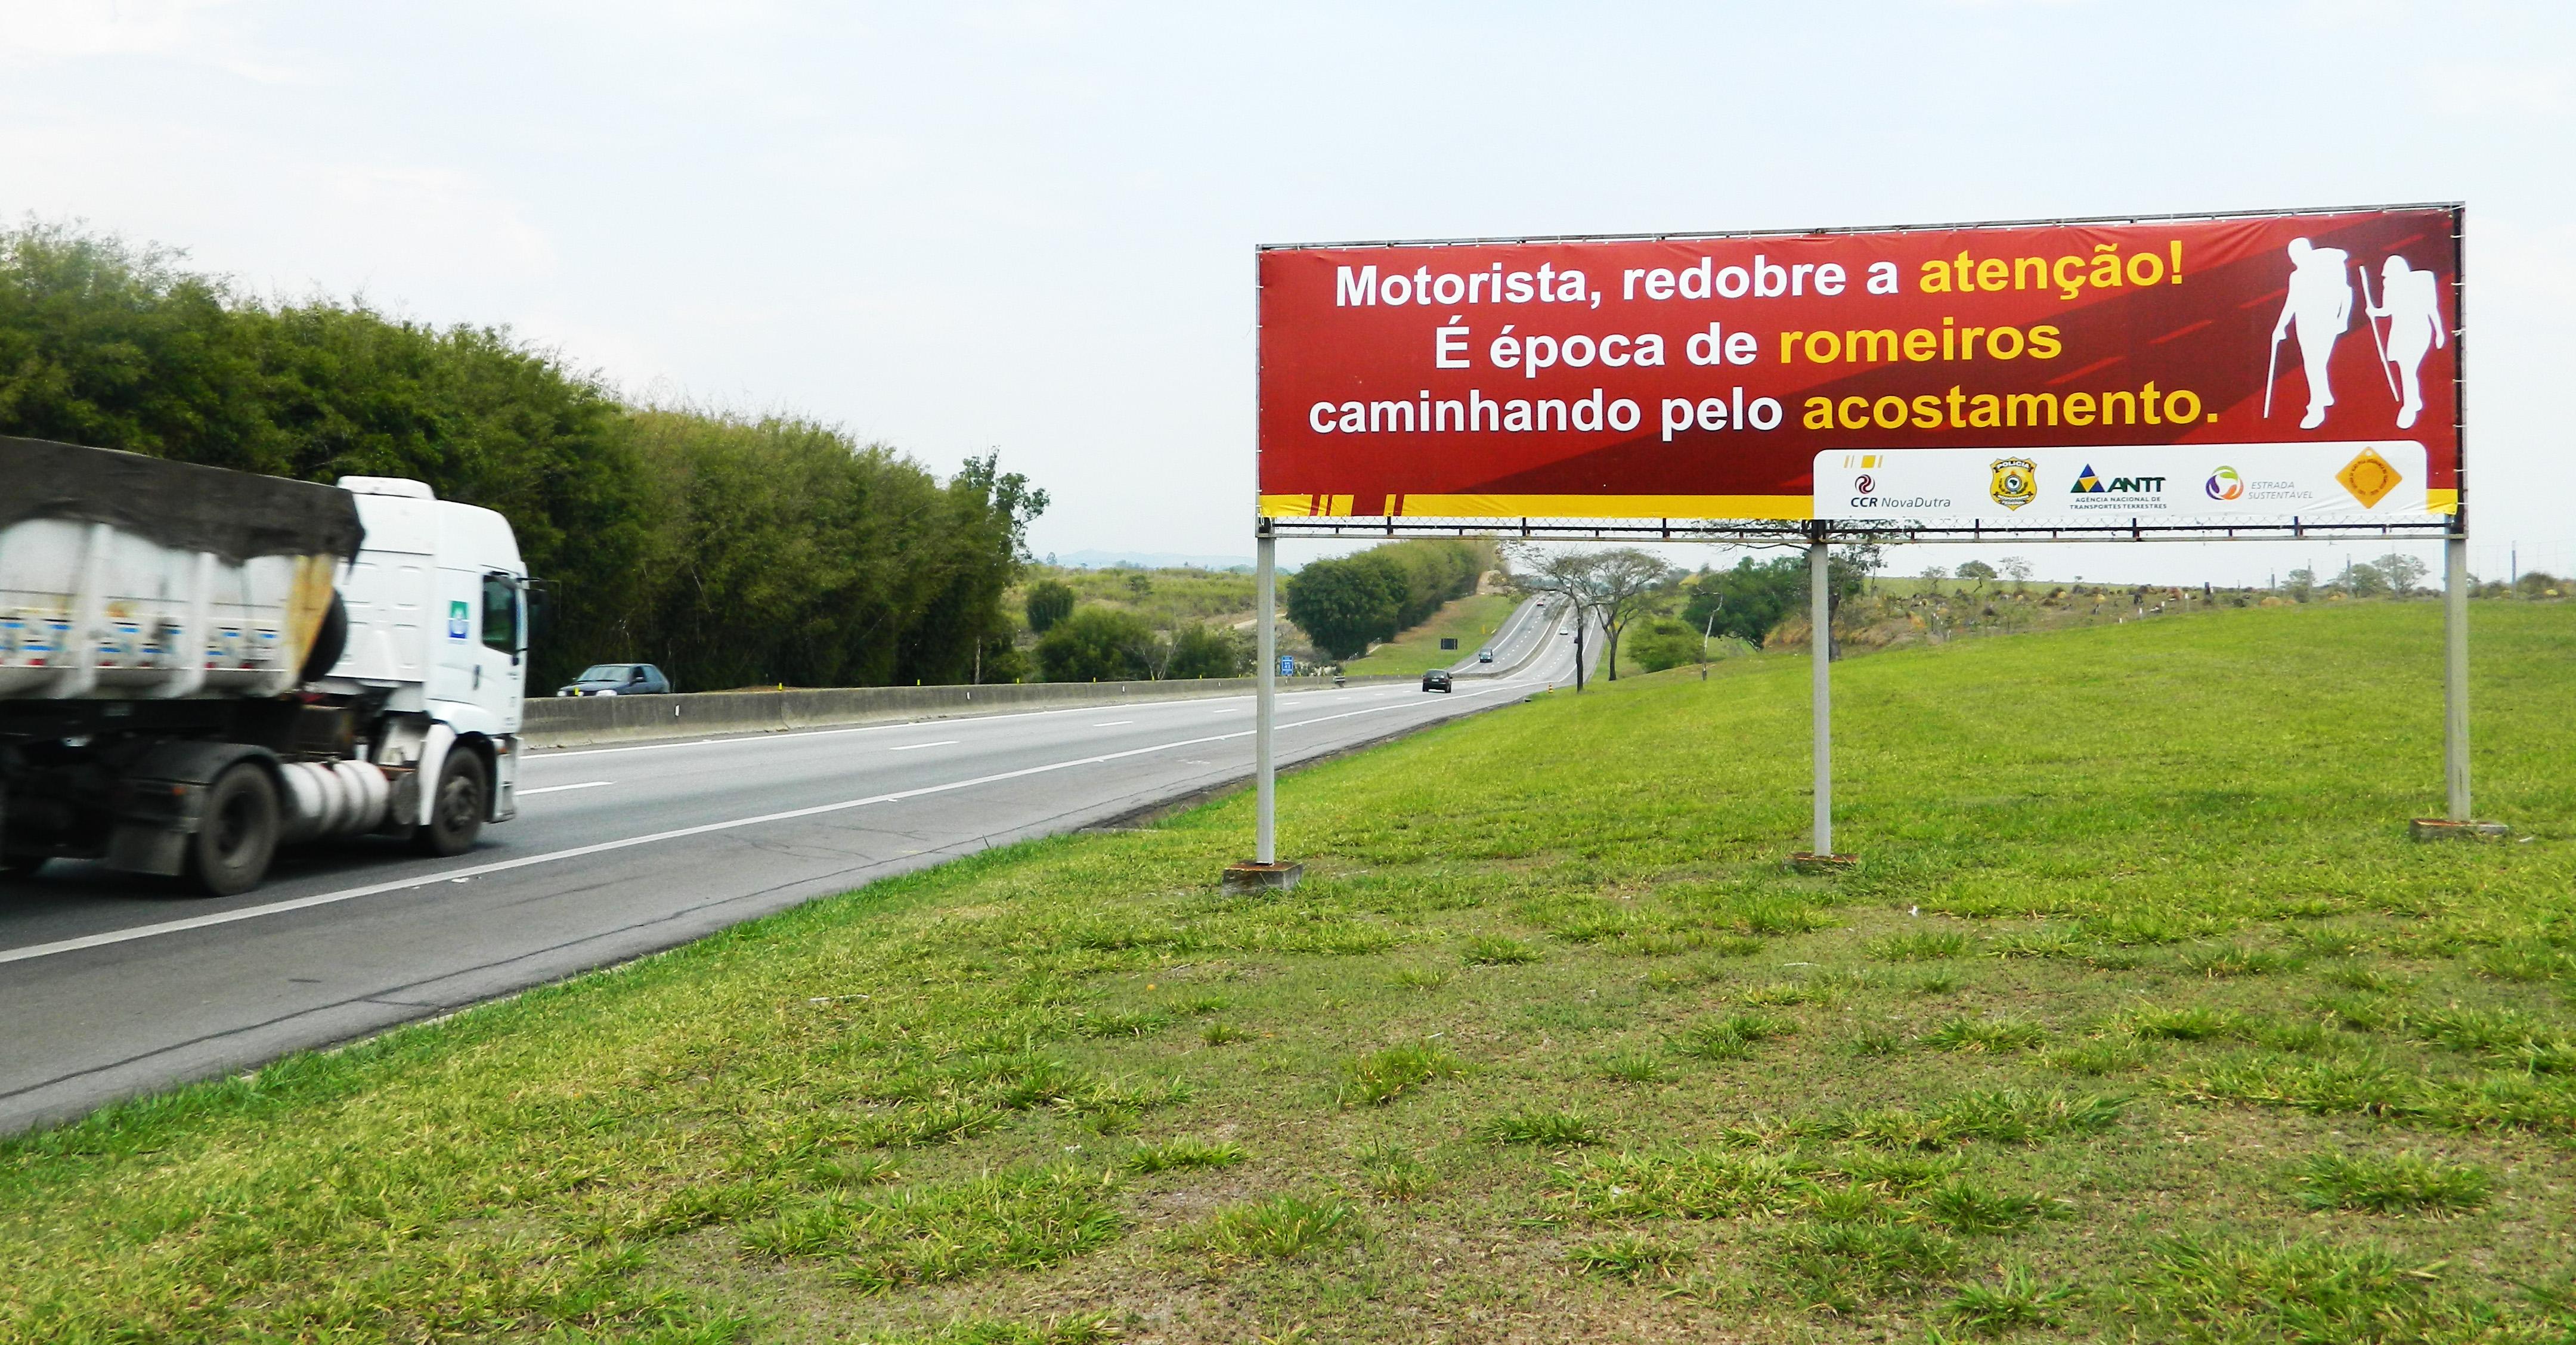 Outdoor exibe campanha institucional da concessionária às marges da rodovia; trabalho de conscientização tem sido aposta da PRF (Atos Redação)